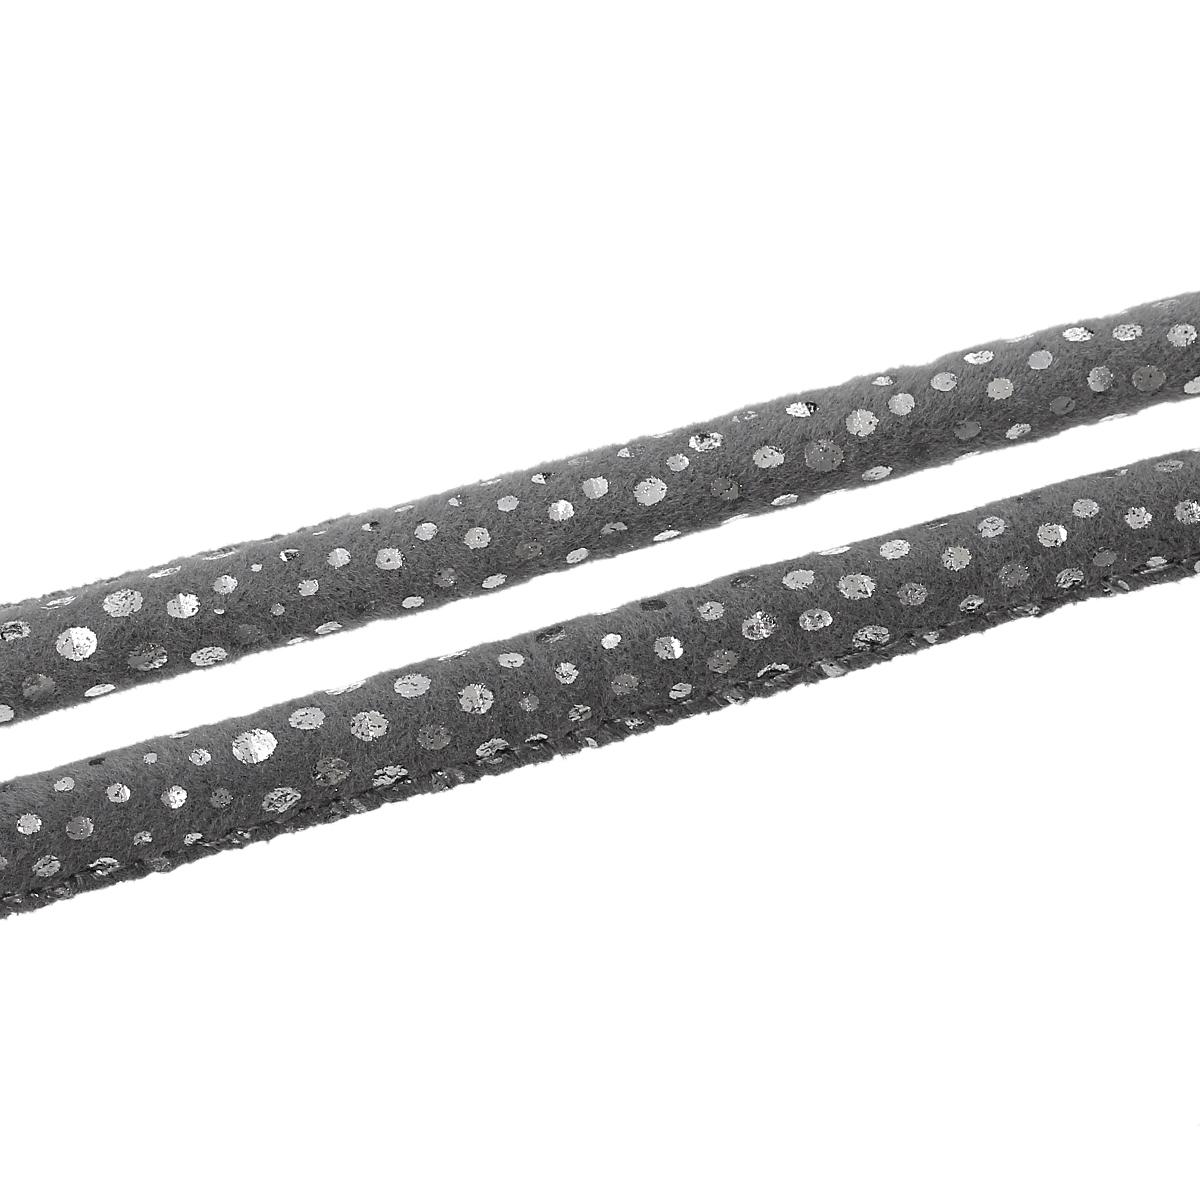 Lot de 4 m de cordon en PU aspect suédé gris à pois argentés